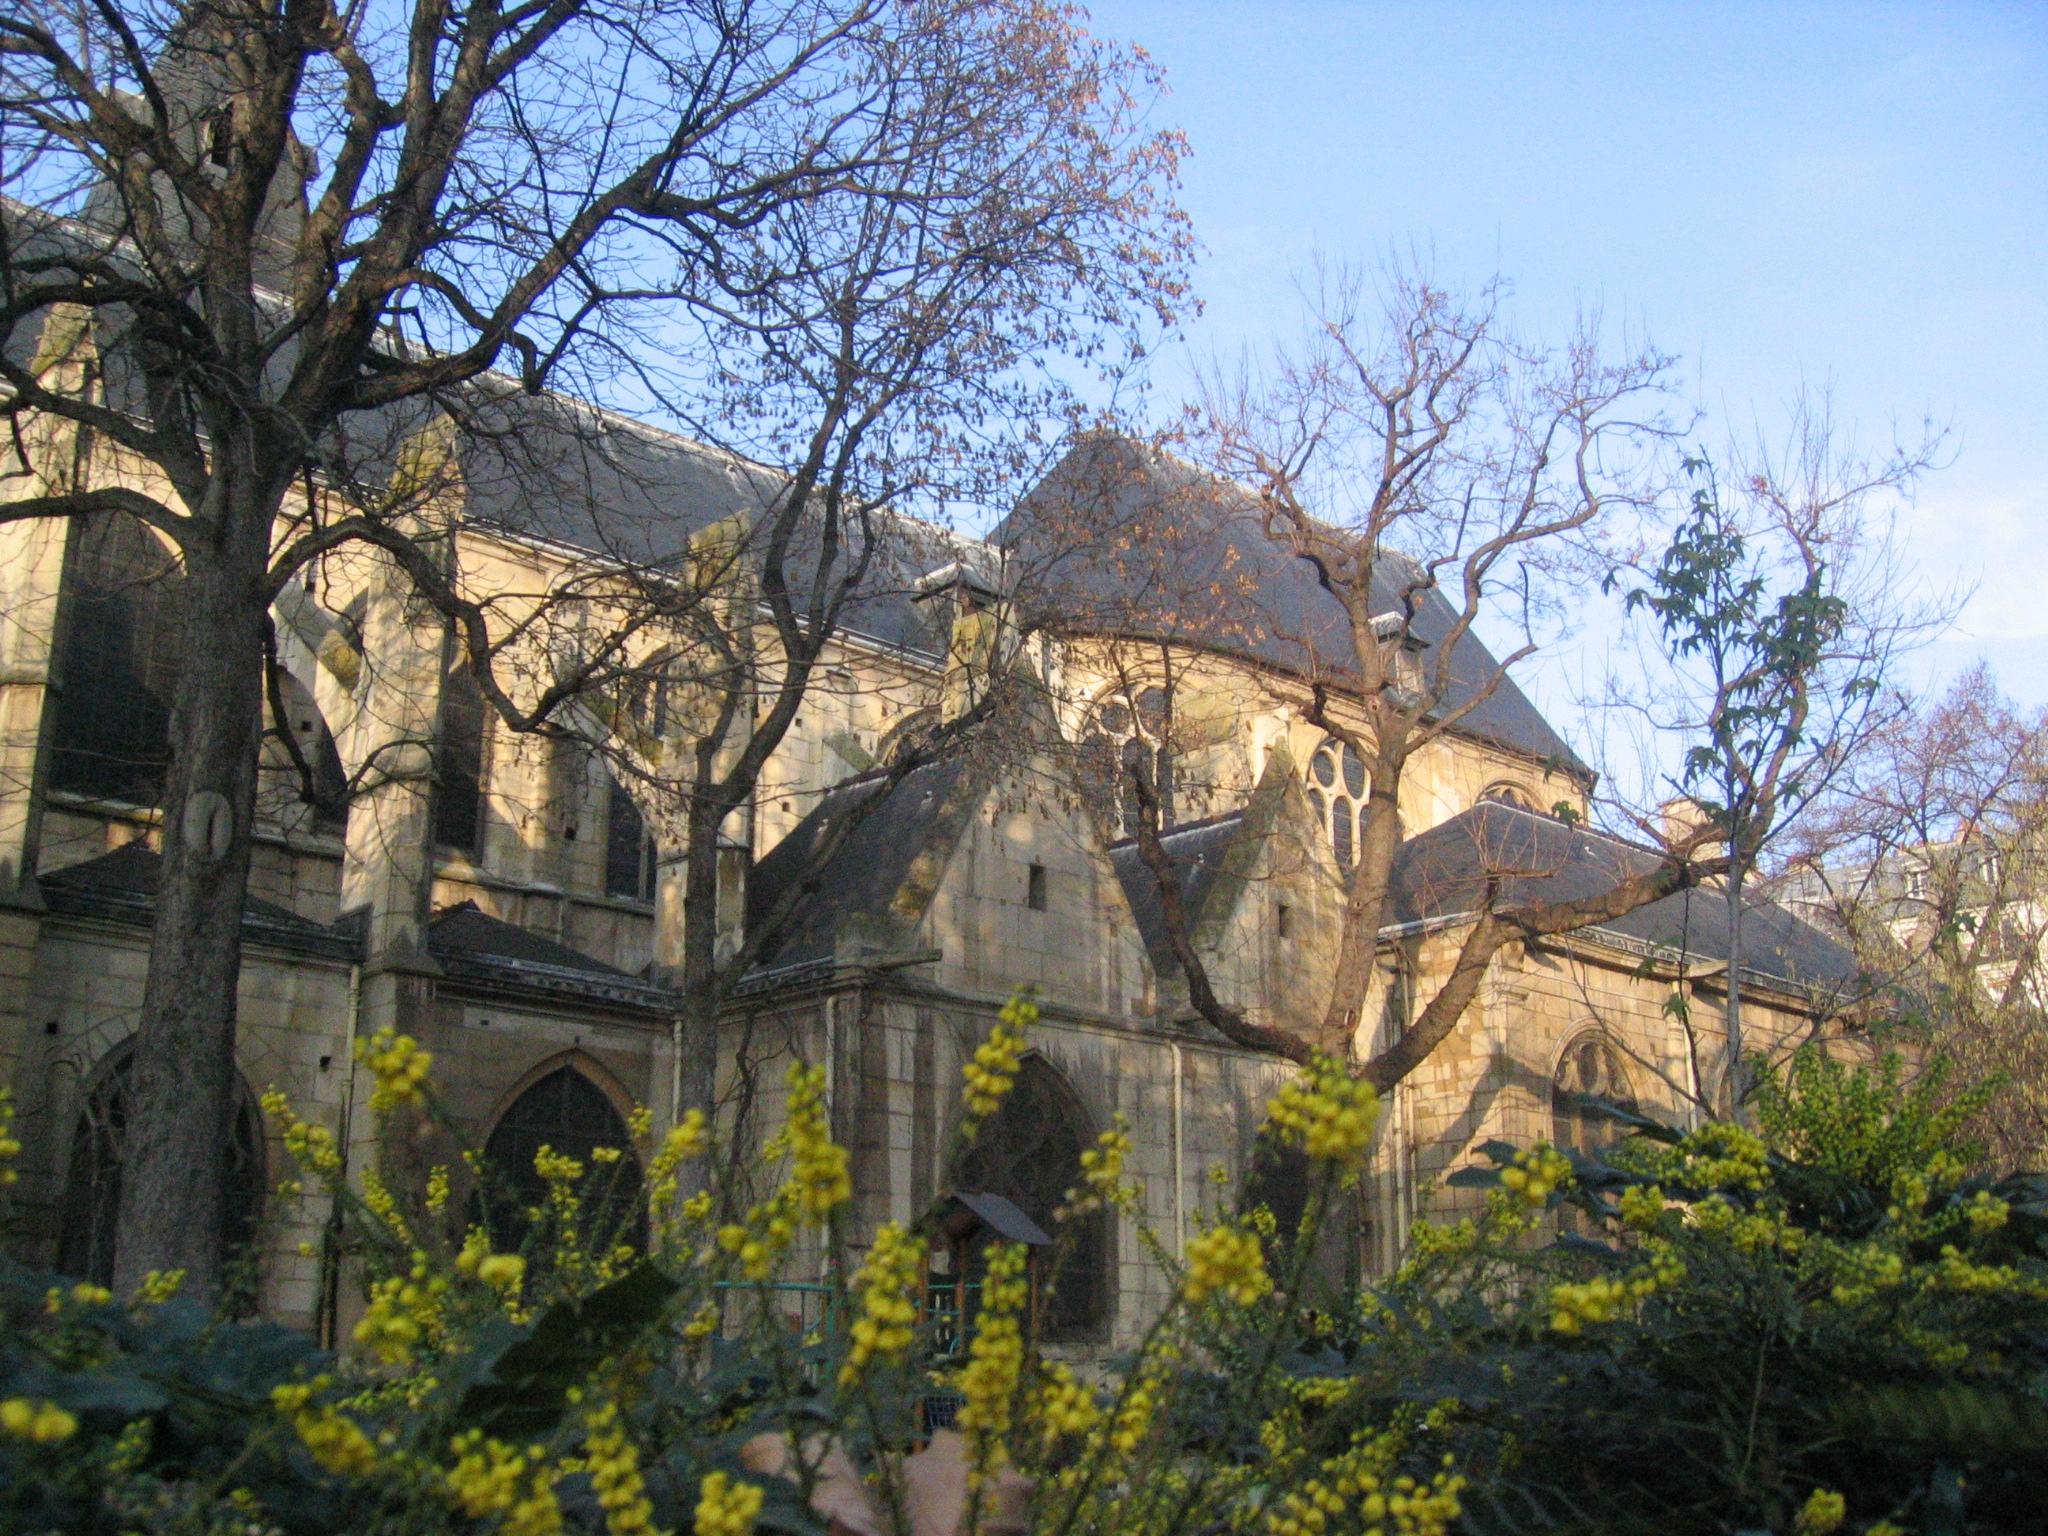 web2-eglise-saint-medard-paris-flickr.jpg